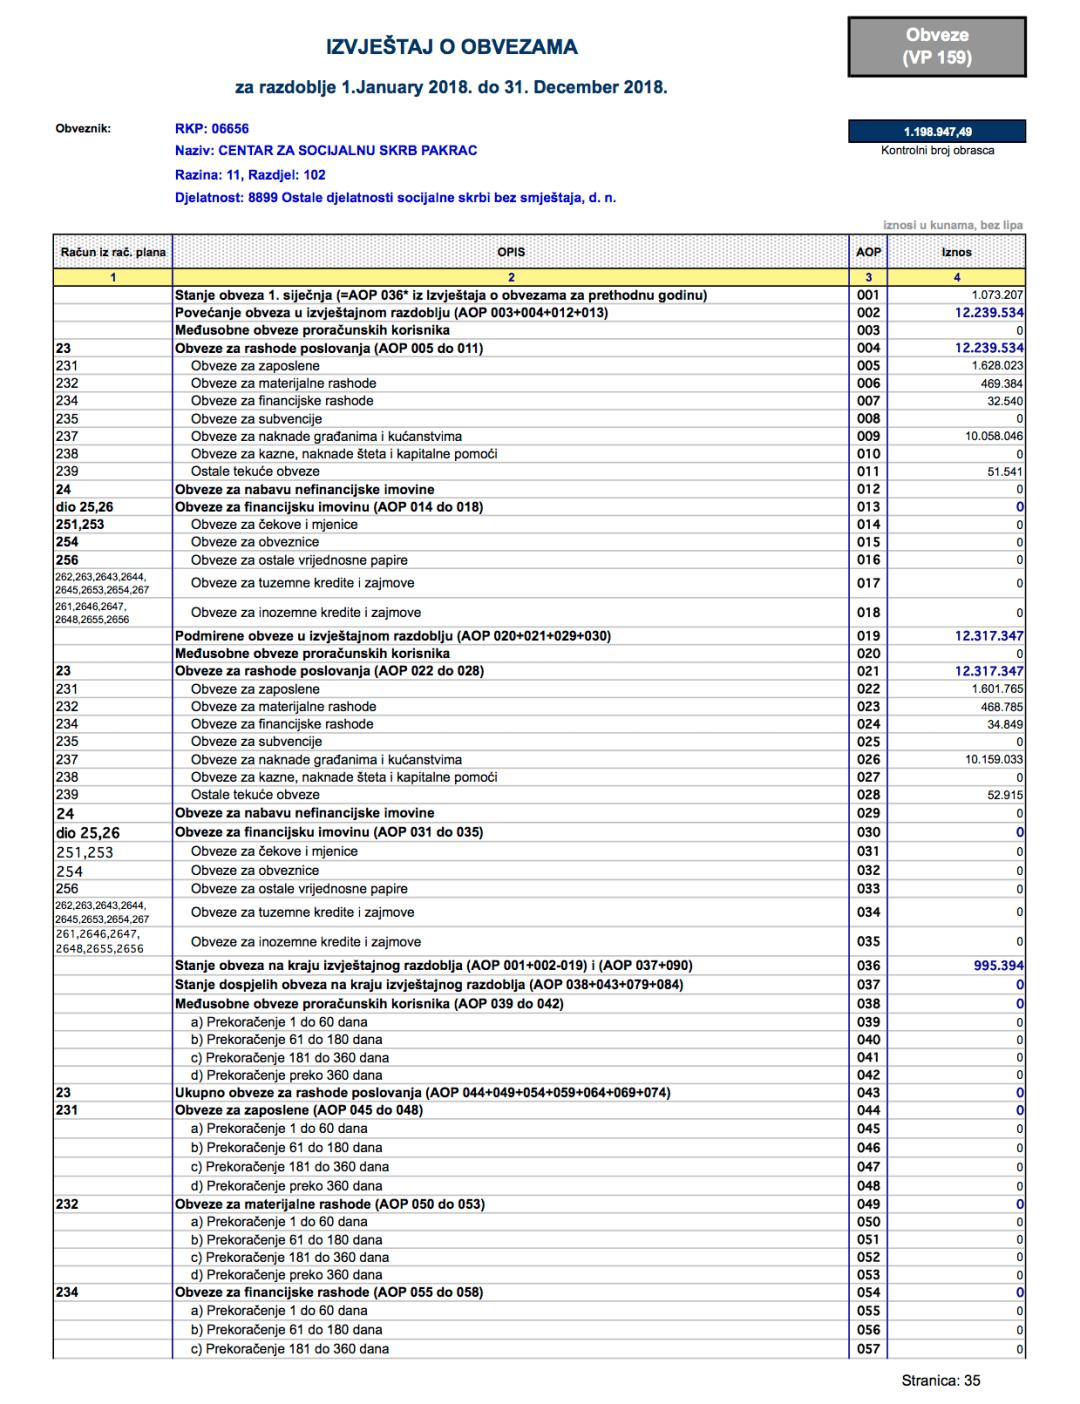 izvještaj o obvezama centra za 2018. godinu, slika 1